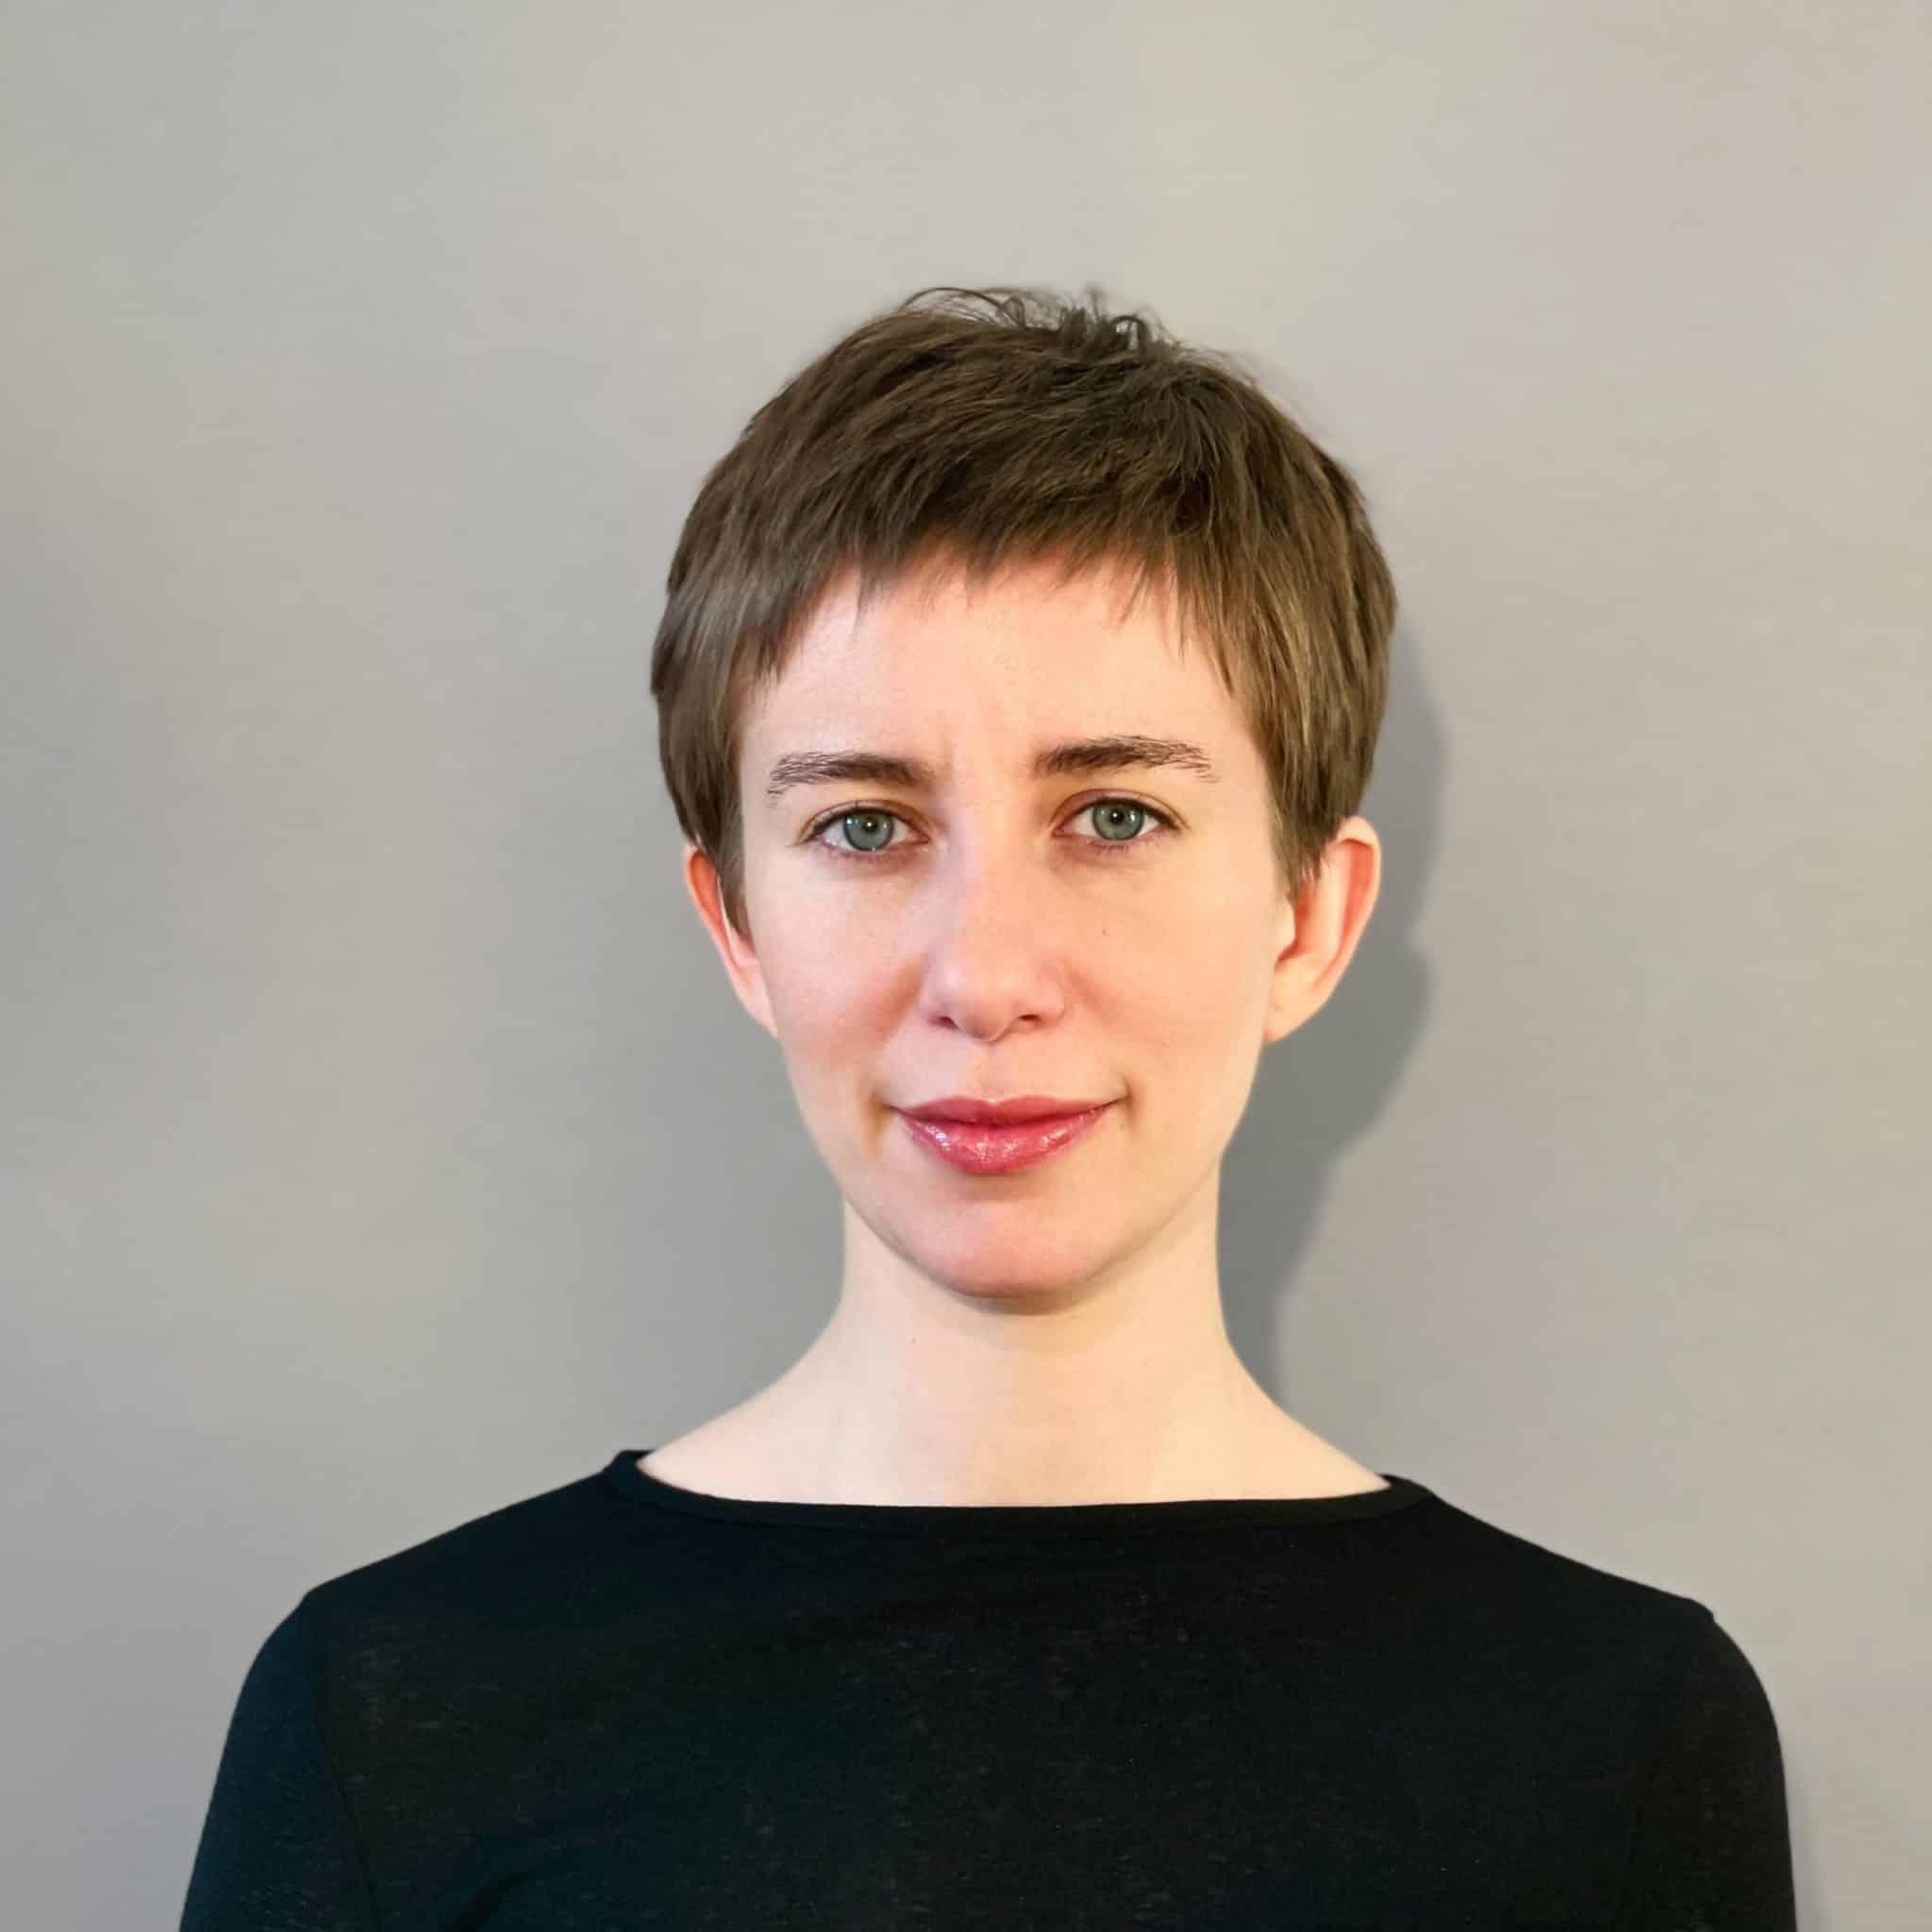 M. Sc. Psych. Karoline Baars - Psychologische Psychotherapeutin Berlin